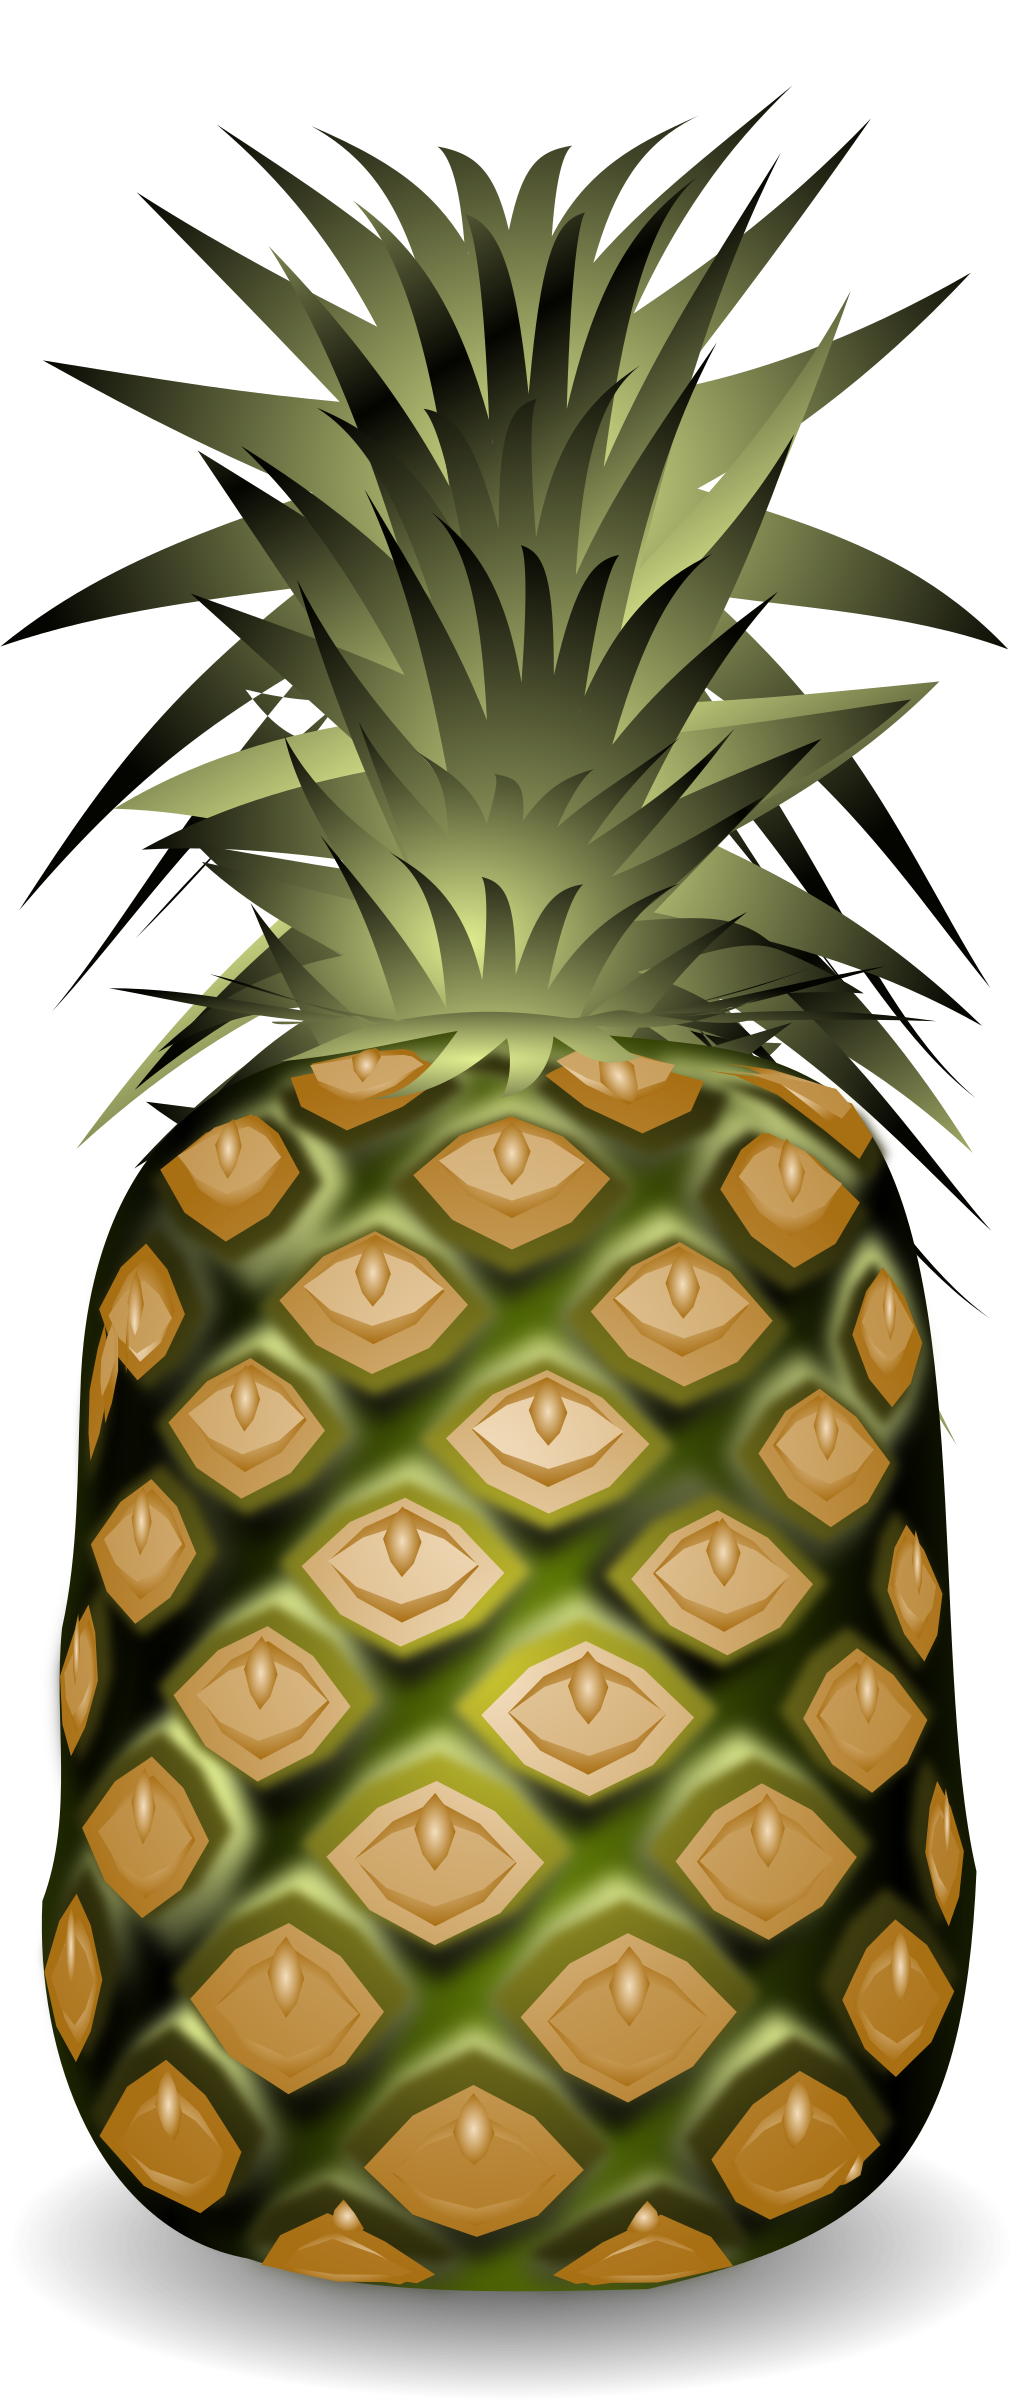 Ananasas big image png. Pineapple clipart pdf